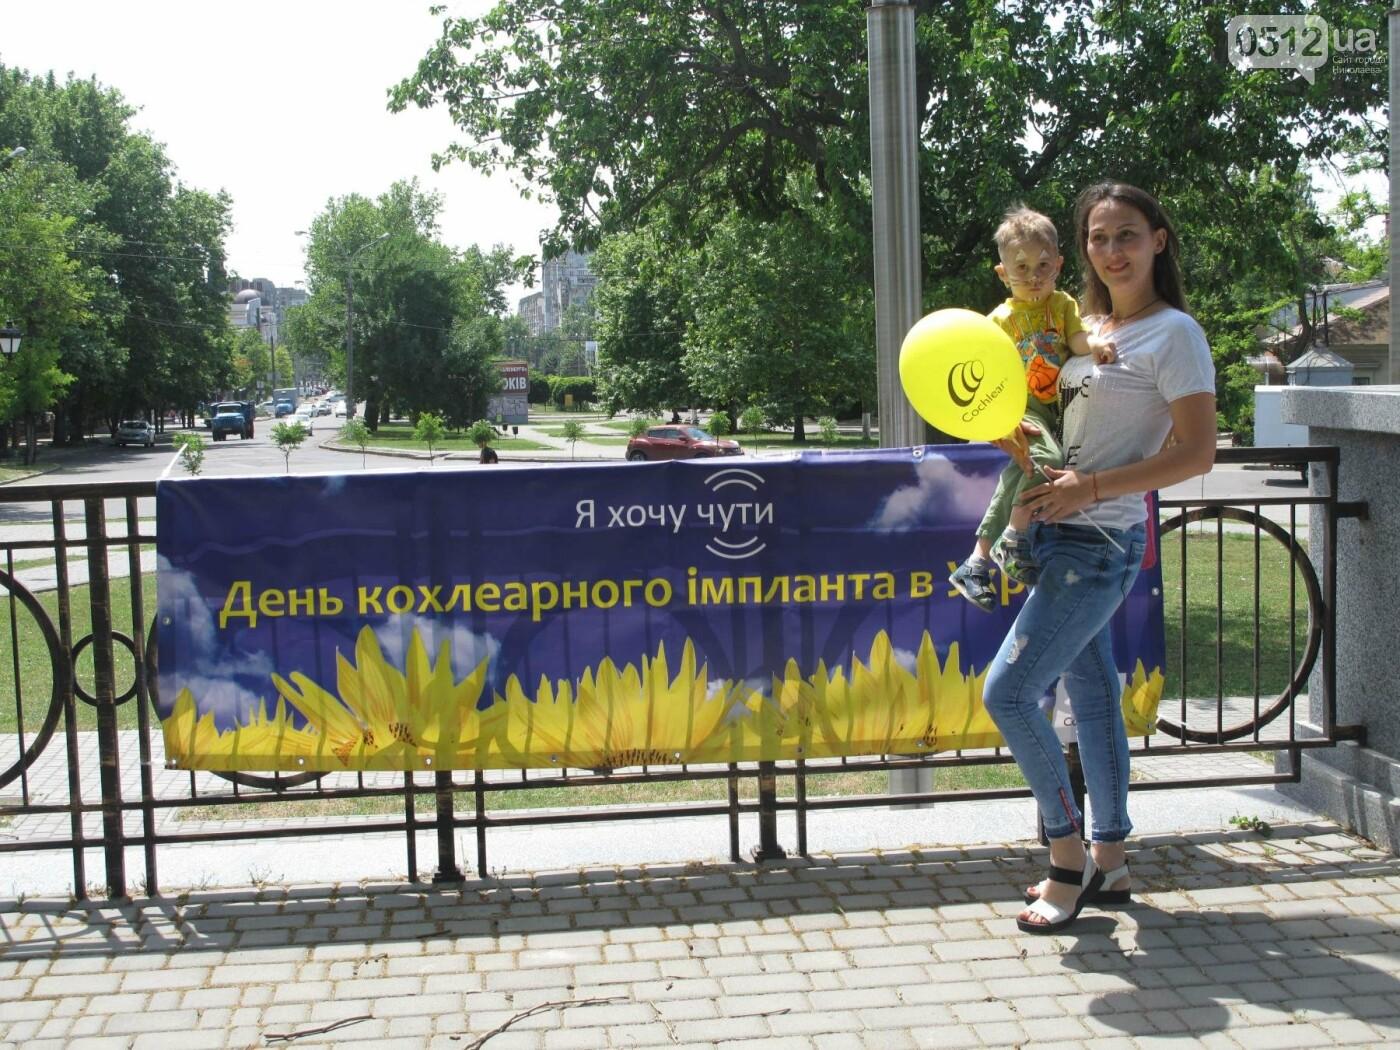 В Сердце города организовали развлекательную программу для детей с нарушением слуха., фото-12